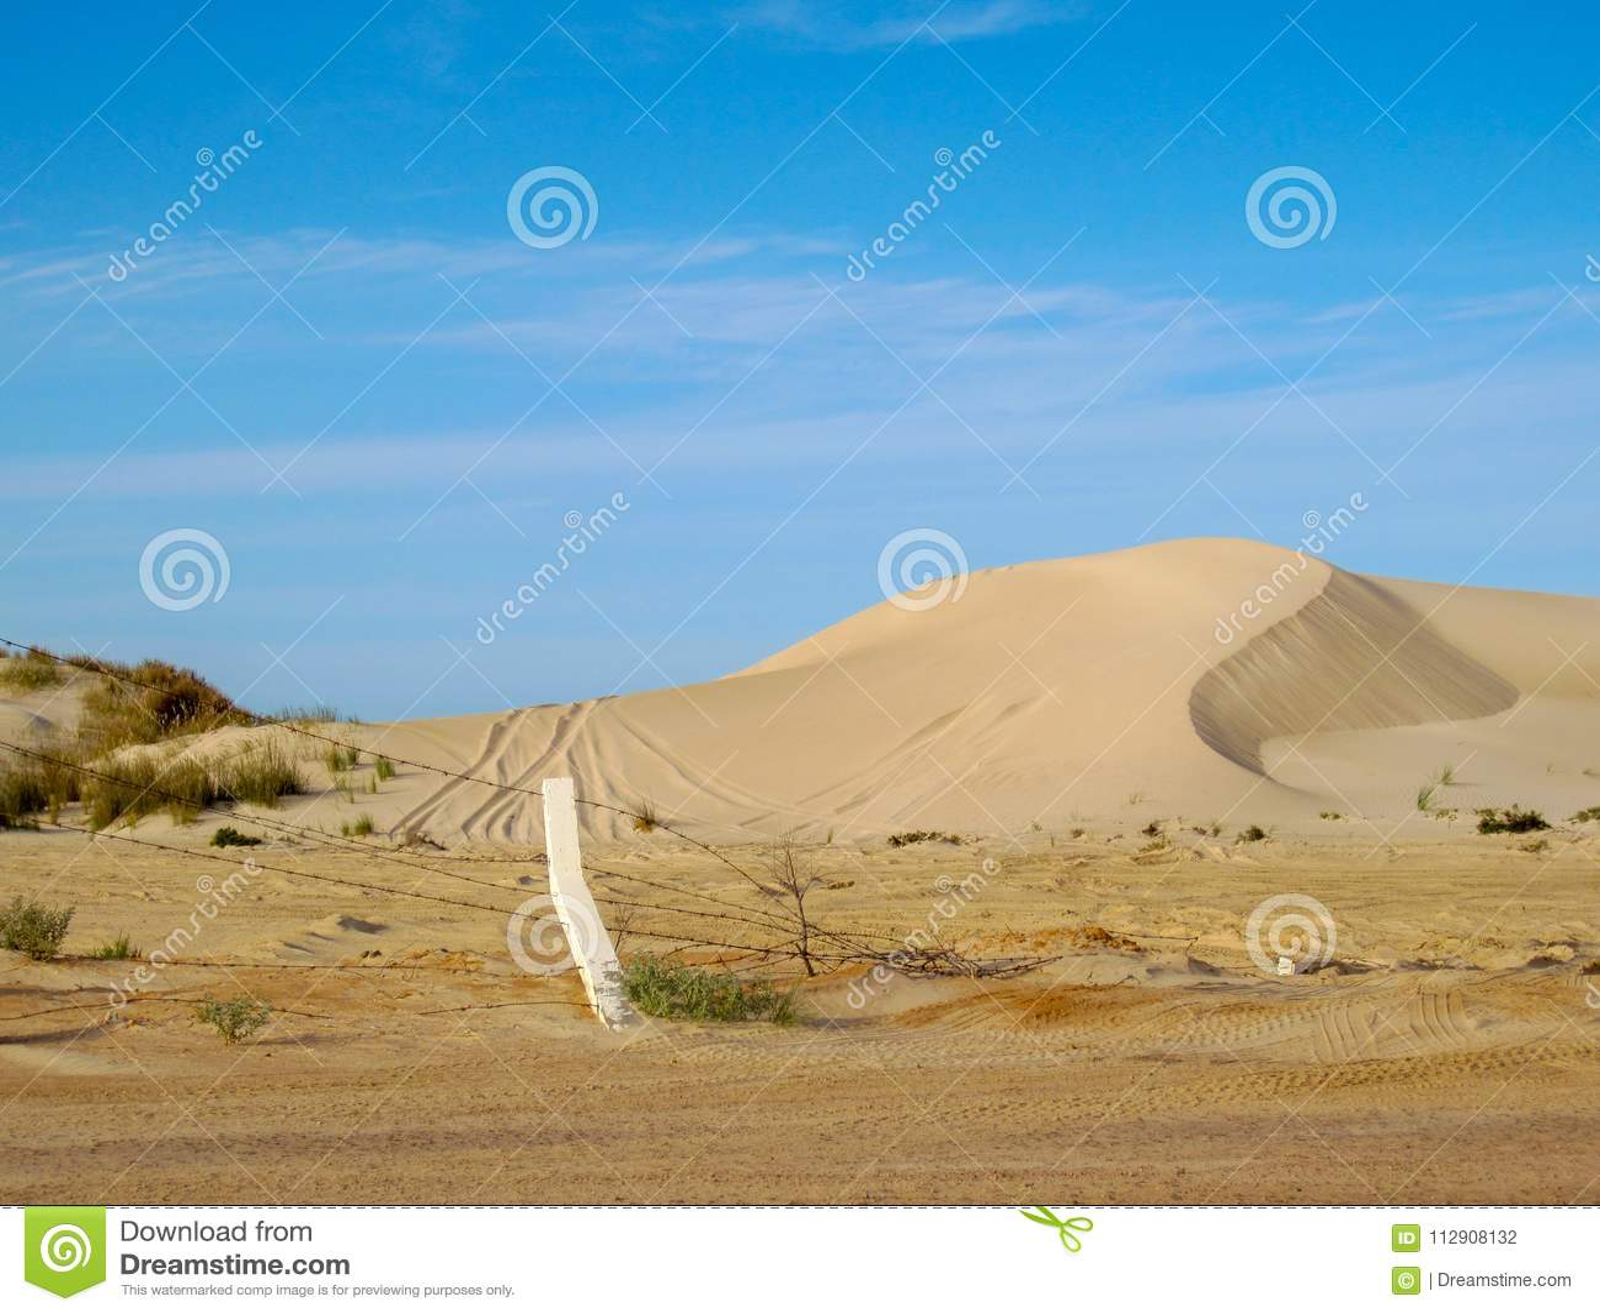 Küstensanddünen mit Reifenbahnen und Stacheldrahtzaun gegen blauen Himmel in Libyen